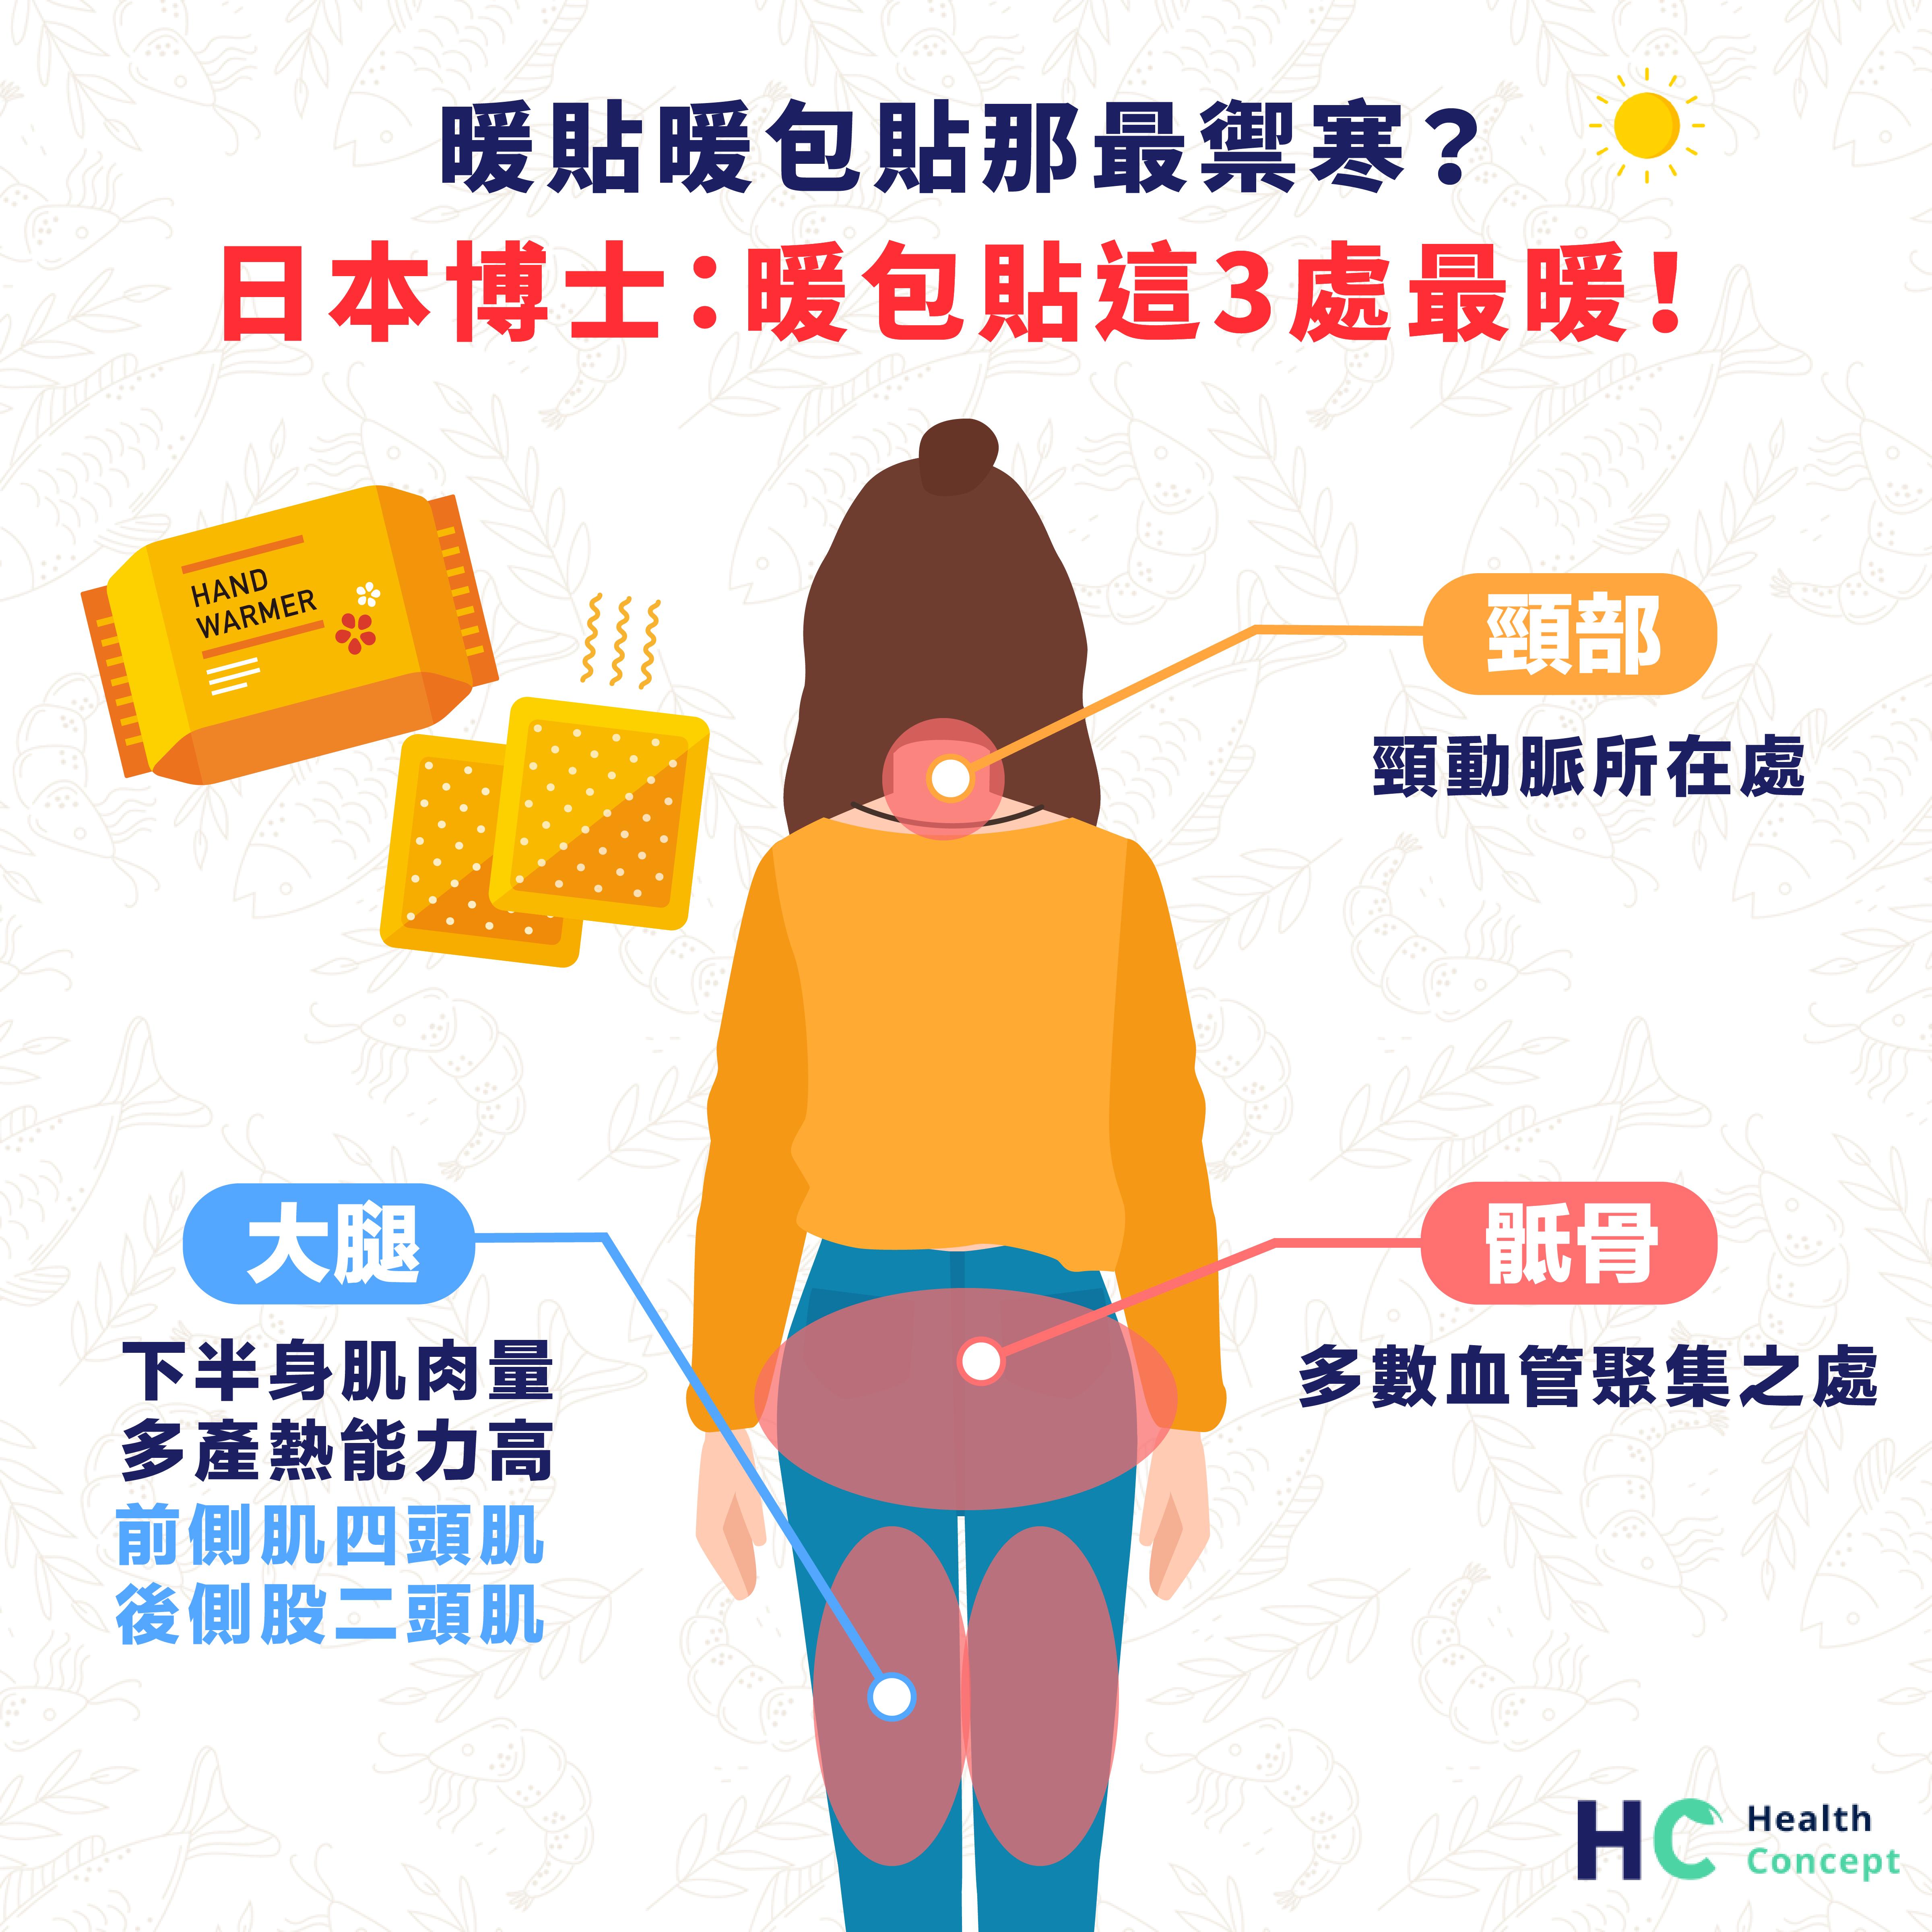 暖貼暖包貼那最禦寒? 日本博士:暖包貼這3處最暖!